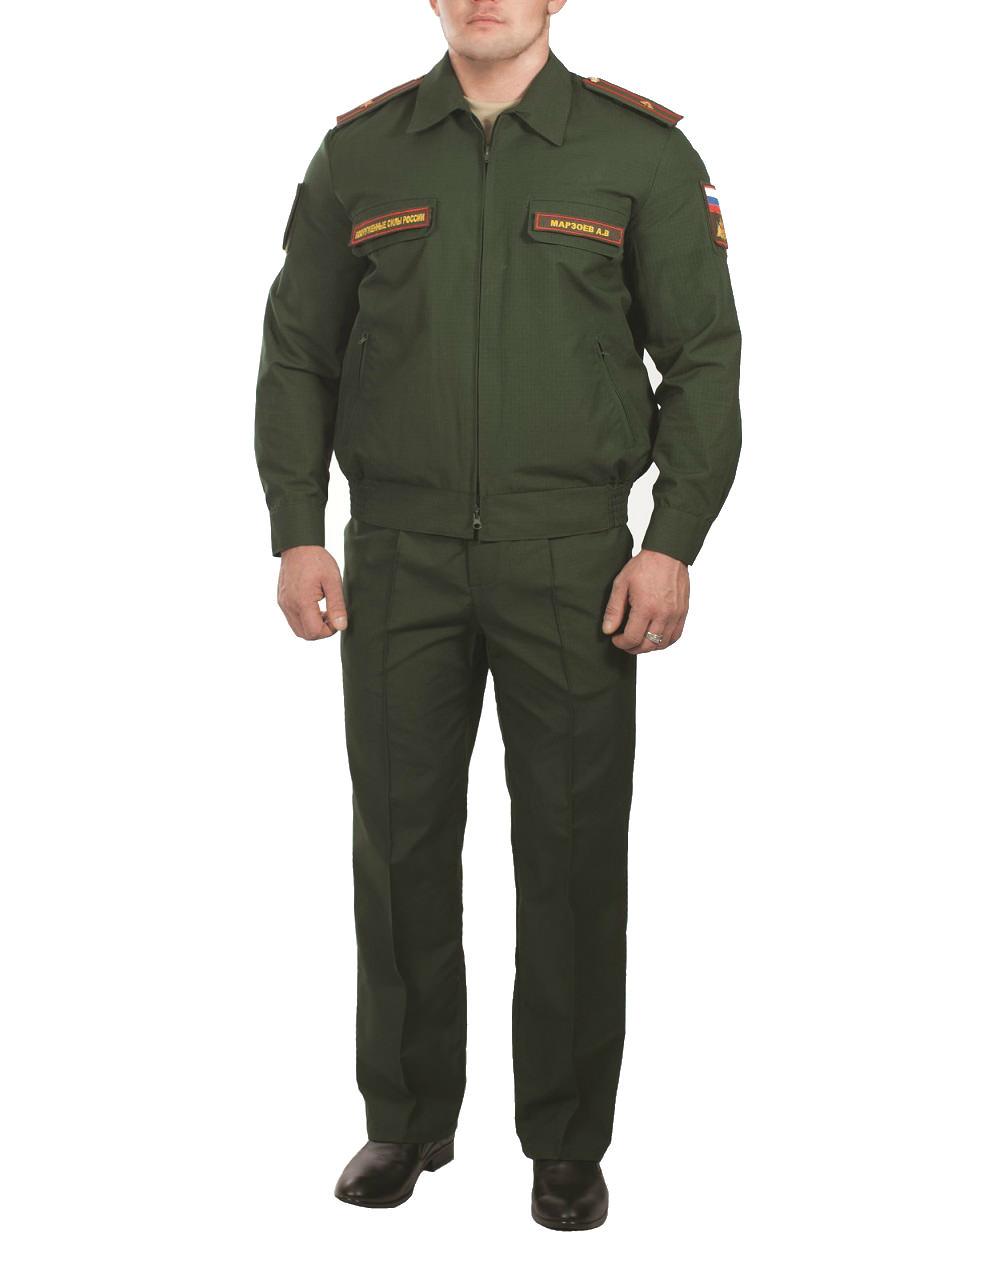 Купить Костюм МО офисный мужской длинный рукав(ткань габардин, подкладка сетка, цвет зелёный), Патруль